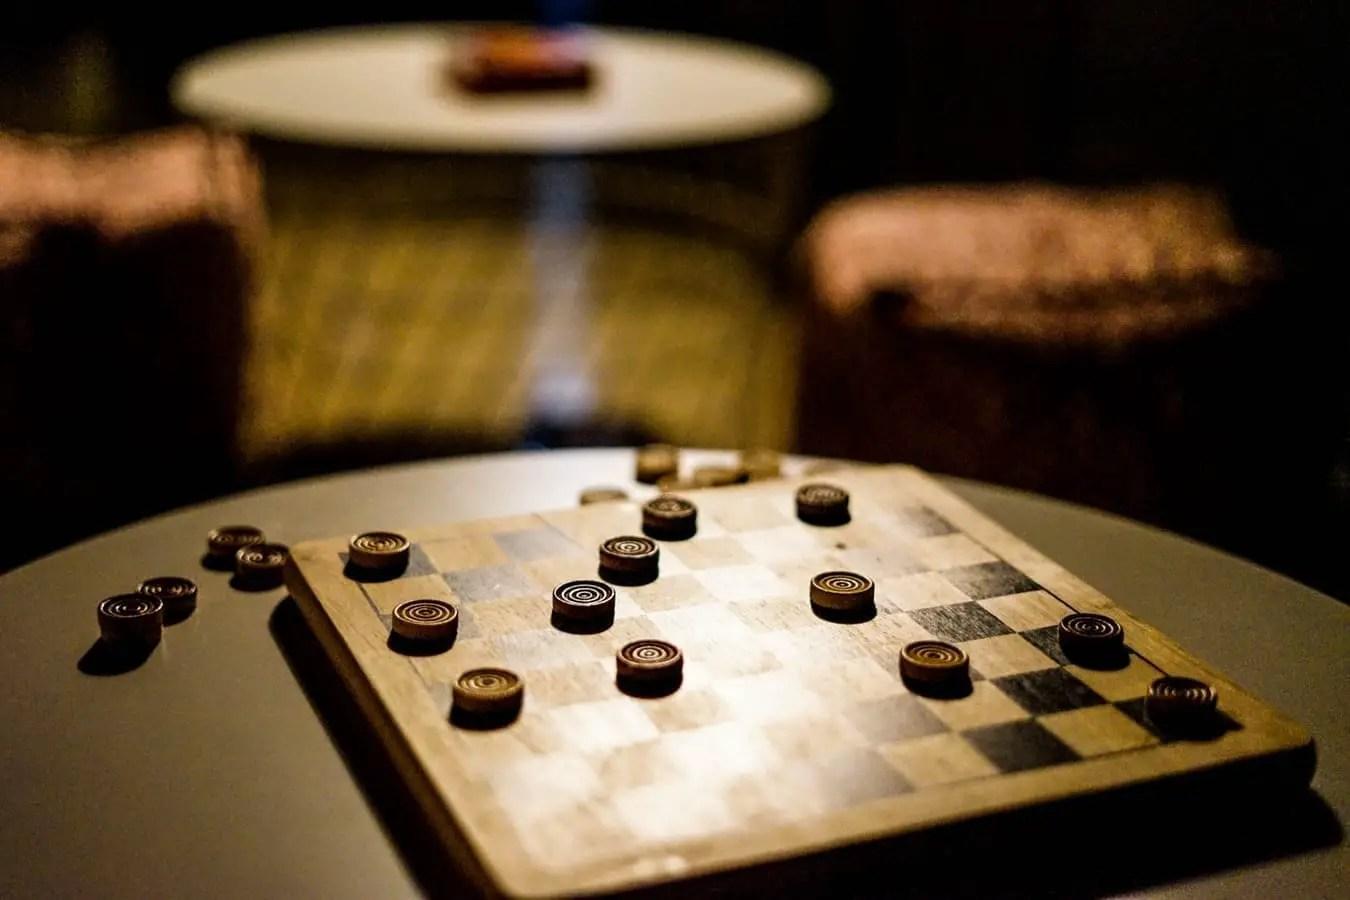 Les jeux de dames, un passionnant jeu cérébral